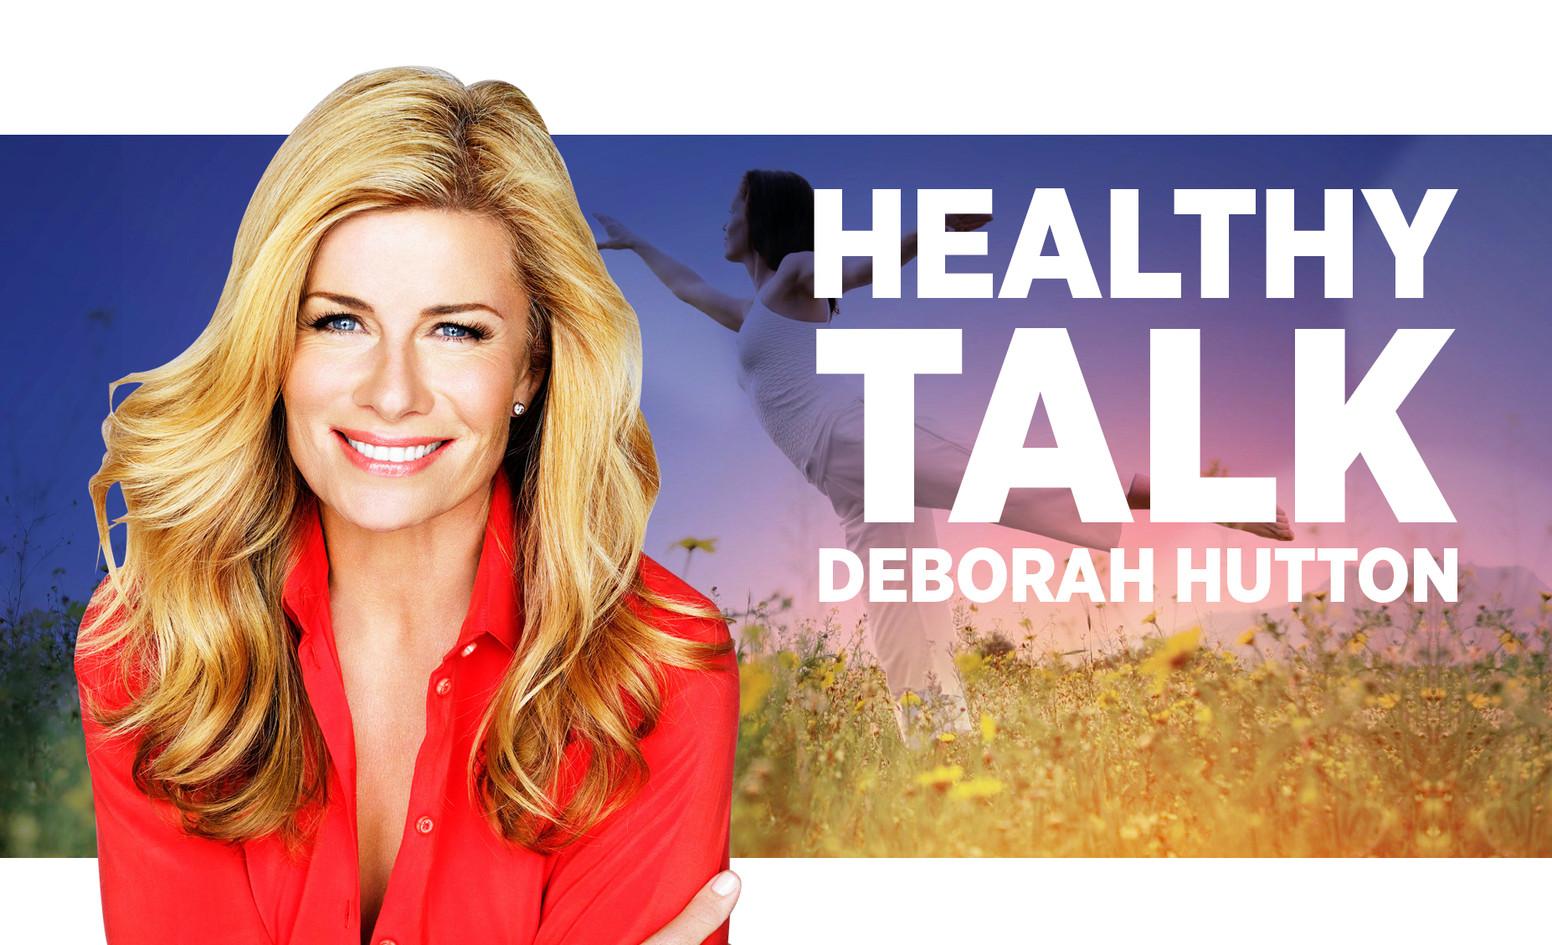 Healthy Talk - Deborah Hutton